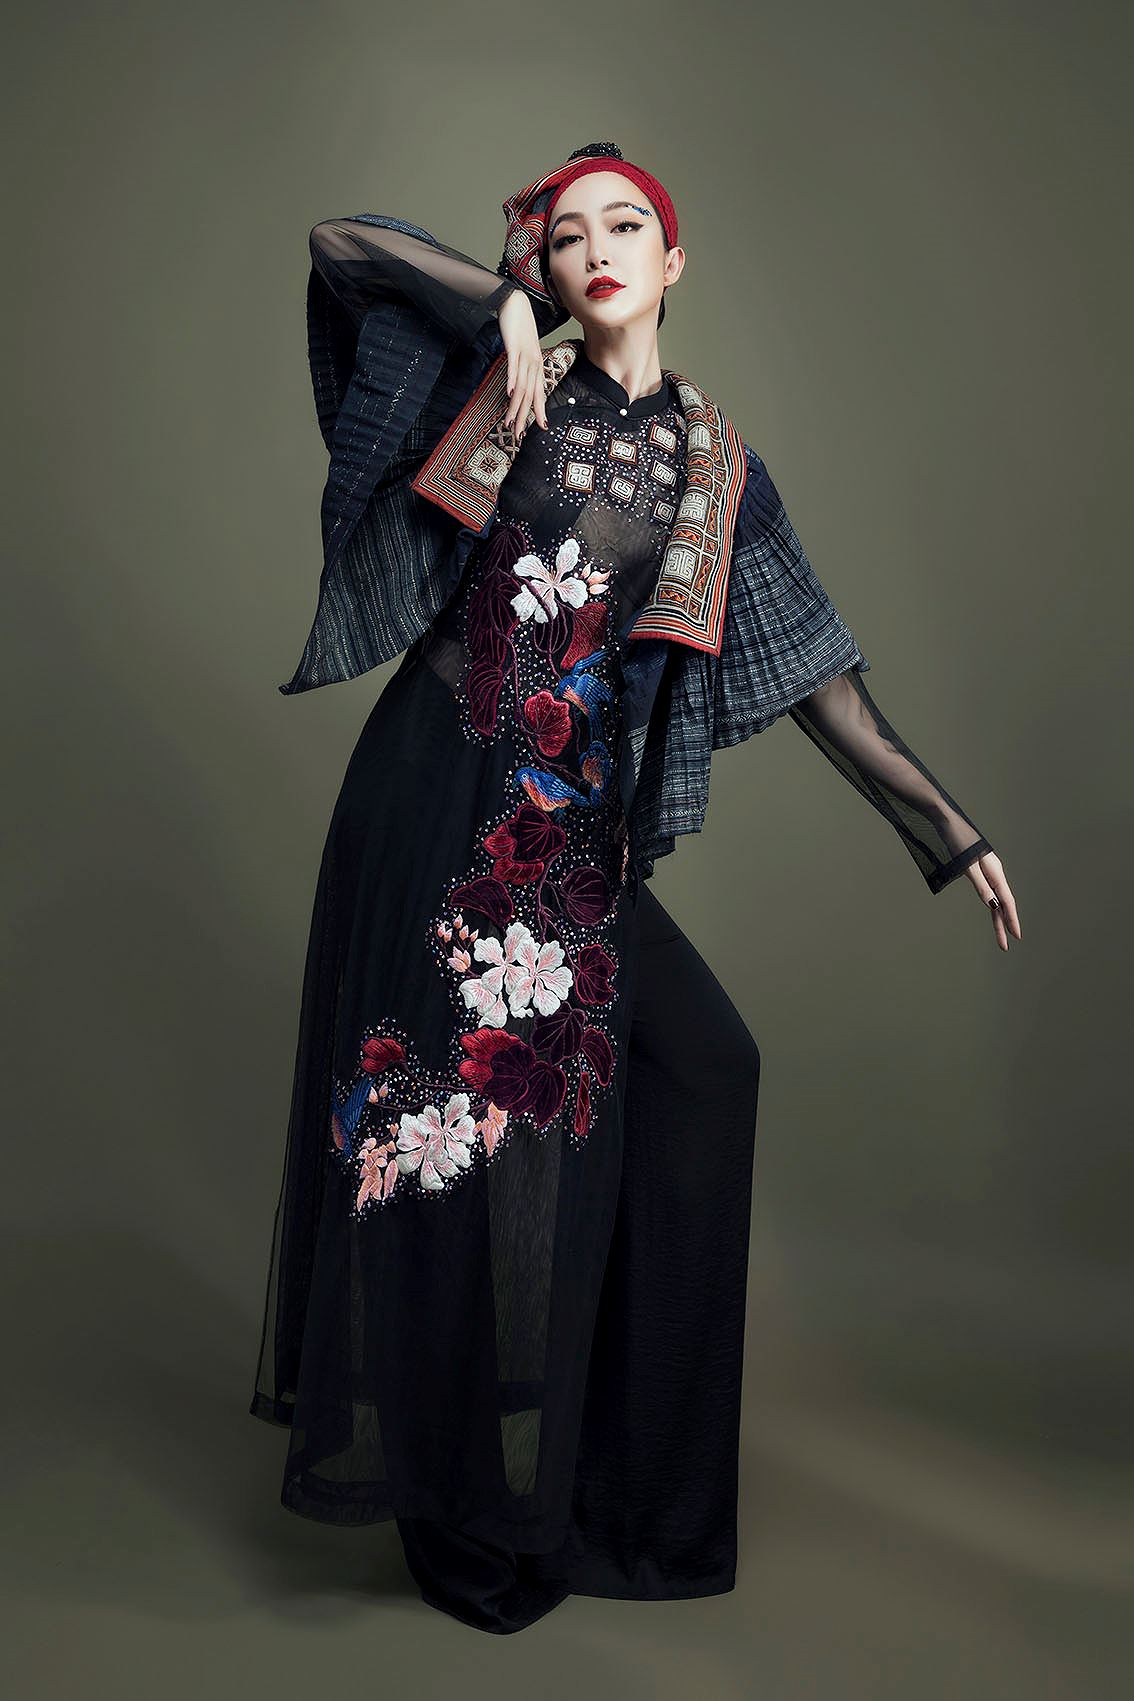 'Chim công làng múa' Linh Nga hóa nàng xuân Tây Bắc với áo dài hoa ban Ảnh 4